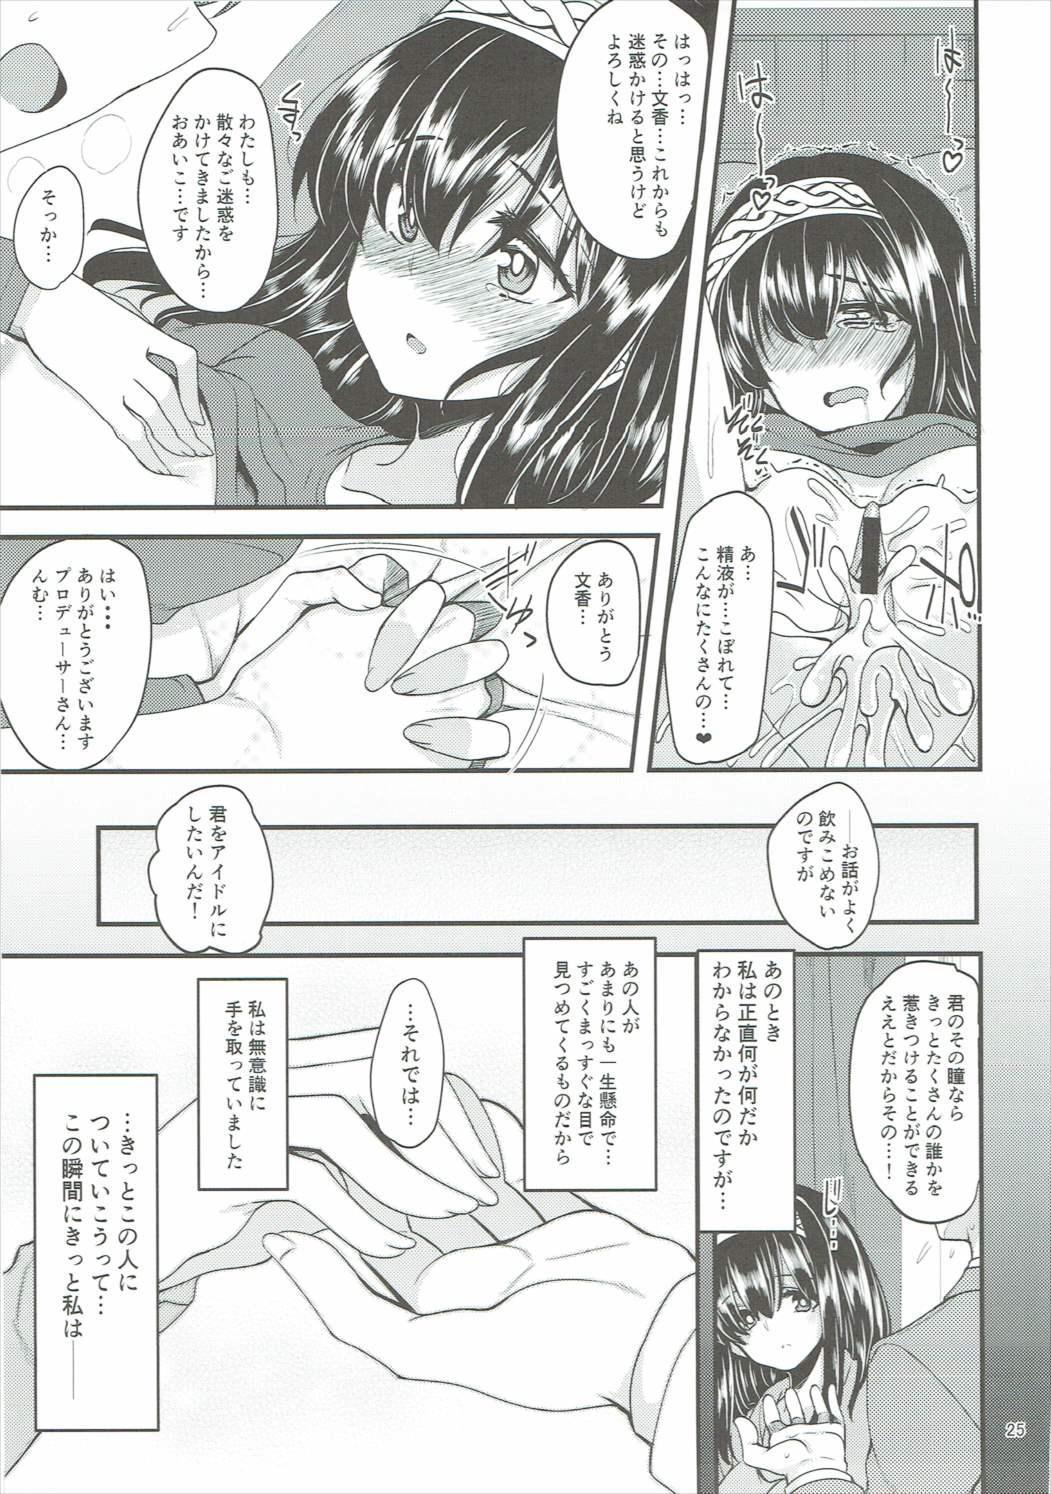 Kagehinata ni Saku, Yukiwari no Hana 23